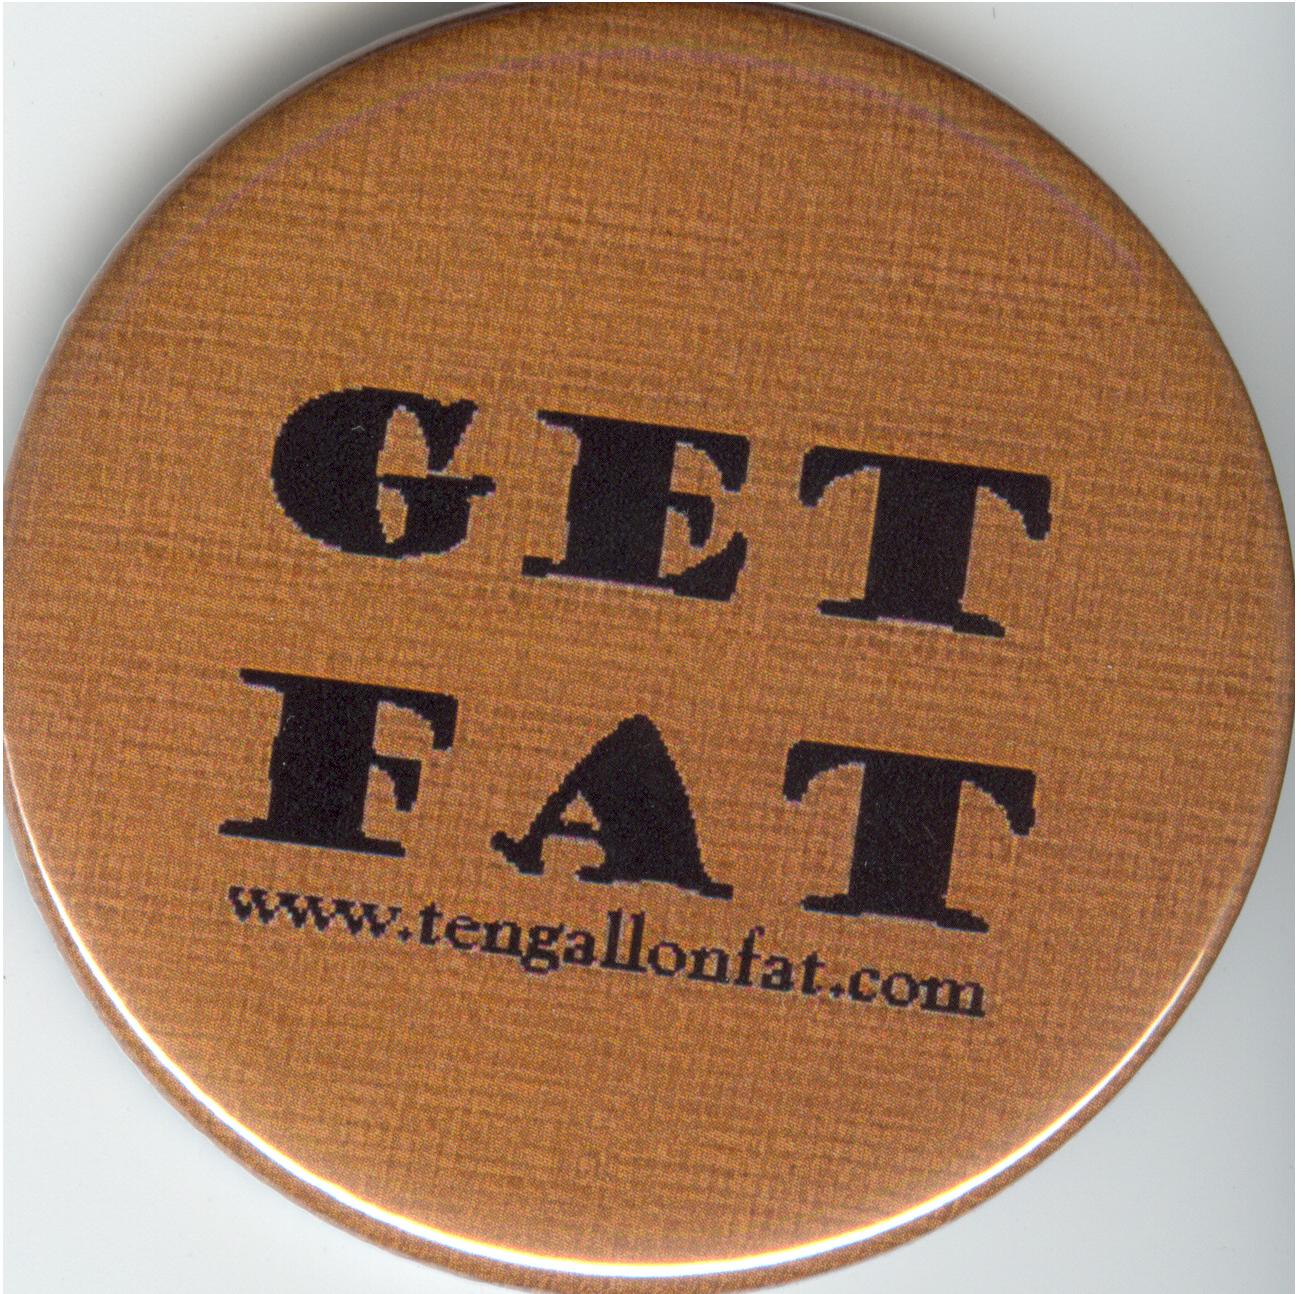 TenGallonFat.com